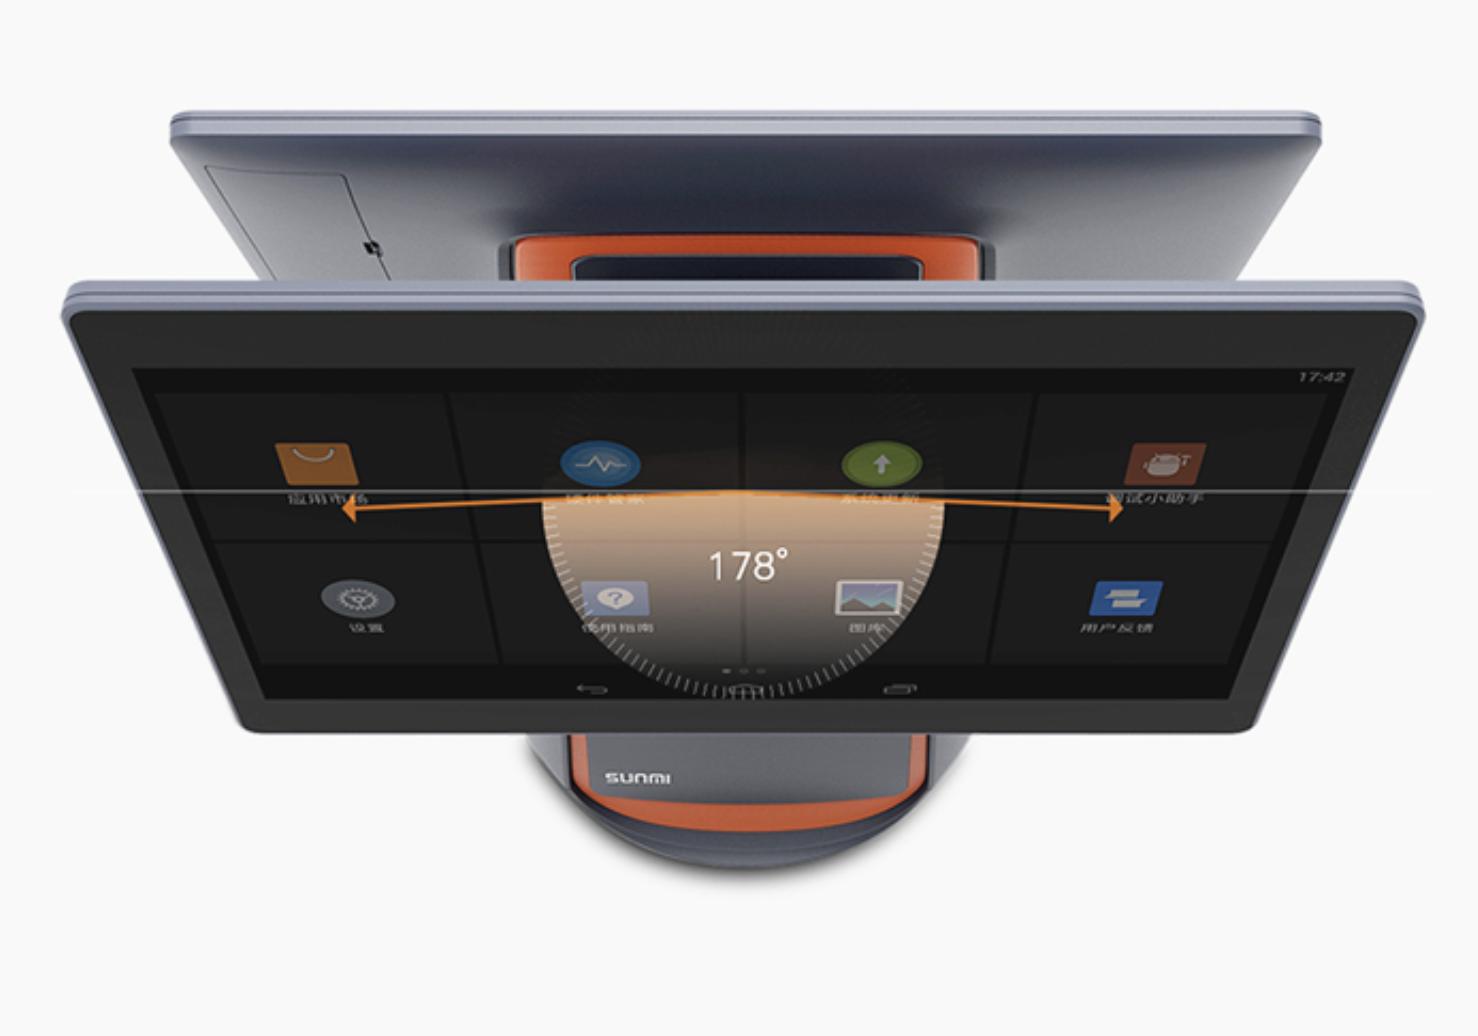 Máy POS tính tiền cảm ứng Sunmi T1 2 màn hình - ảnh 2